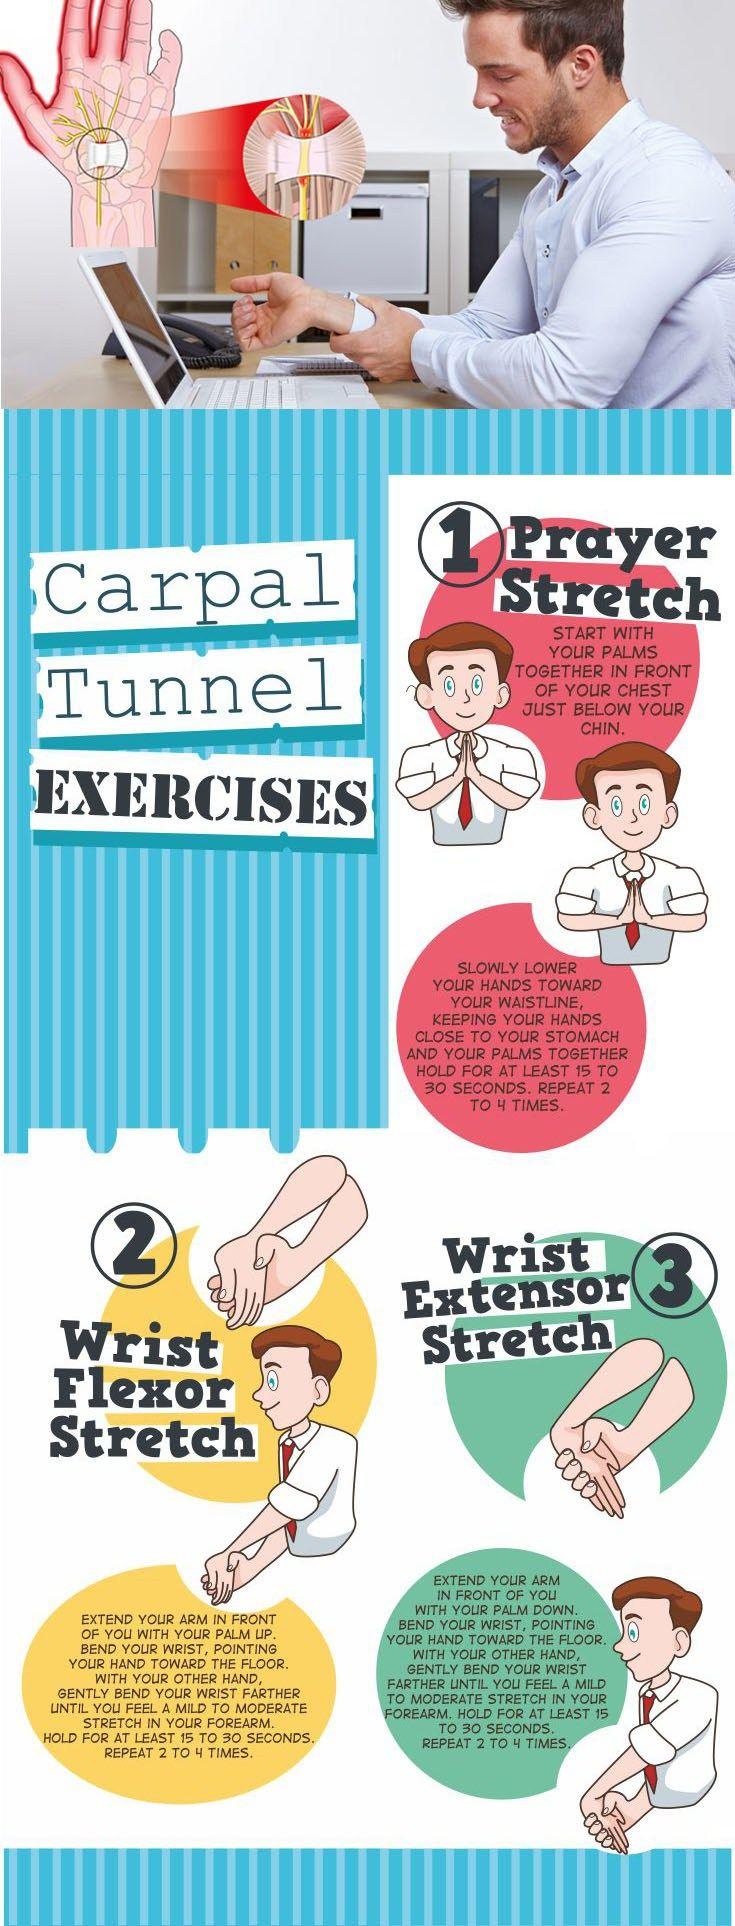 Exercises for treating carpal tunnel oefeningen en